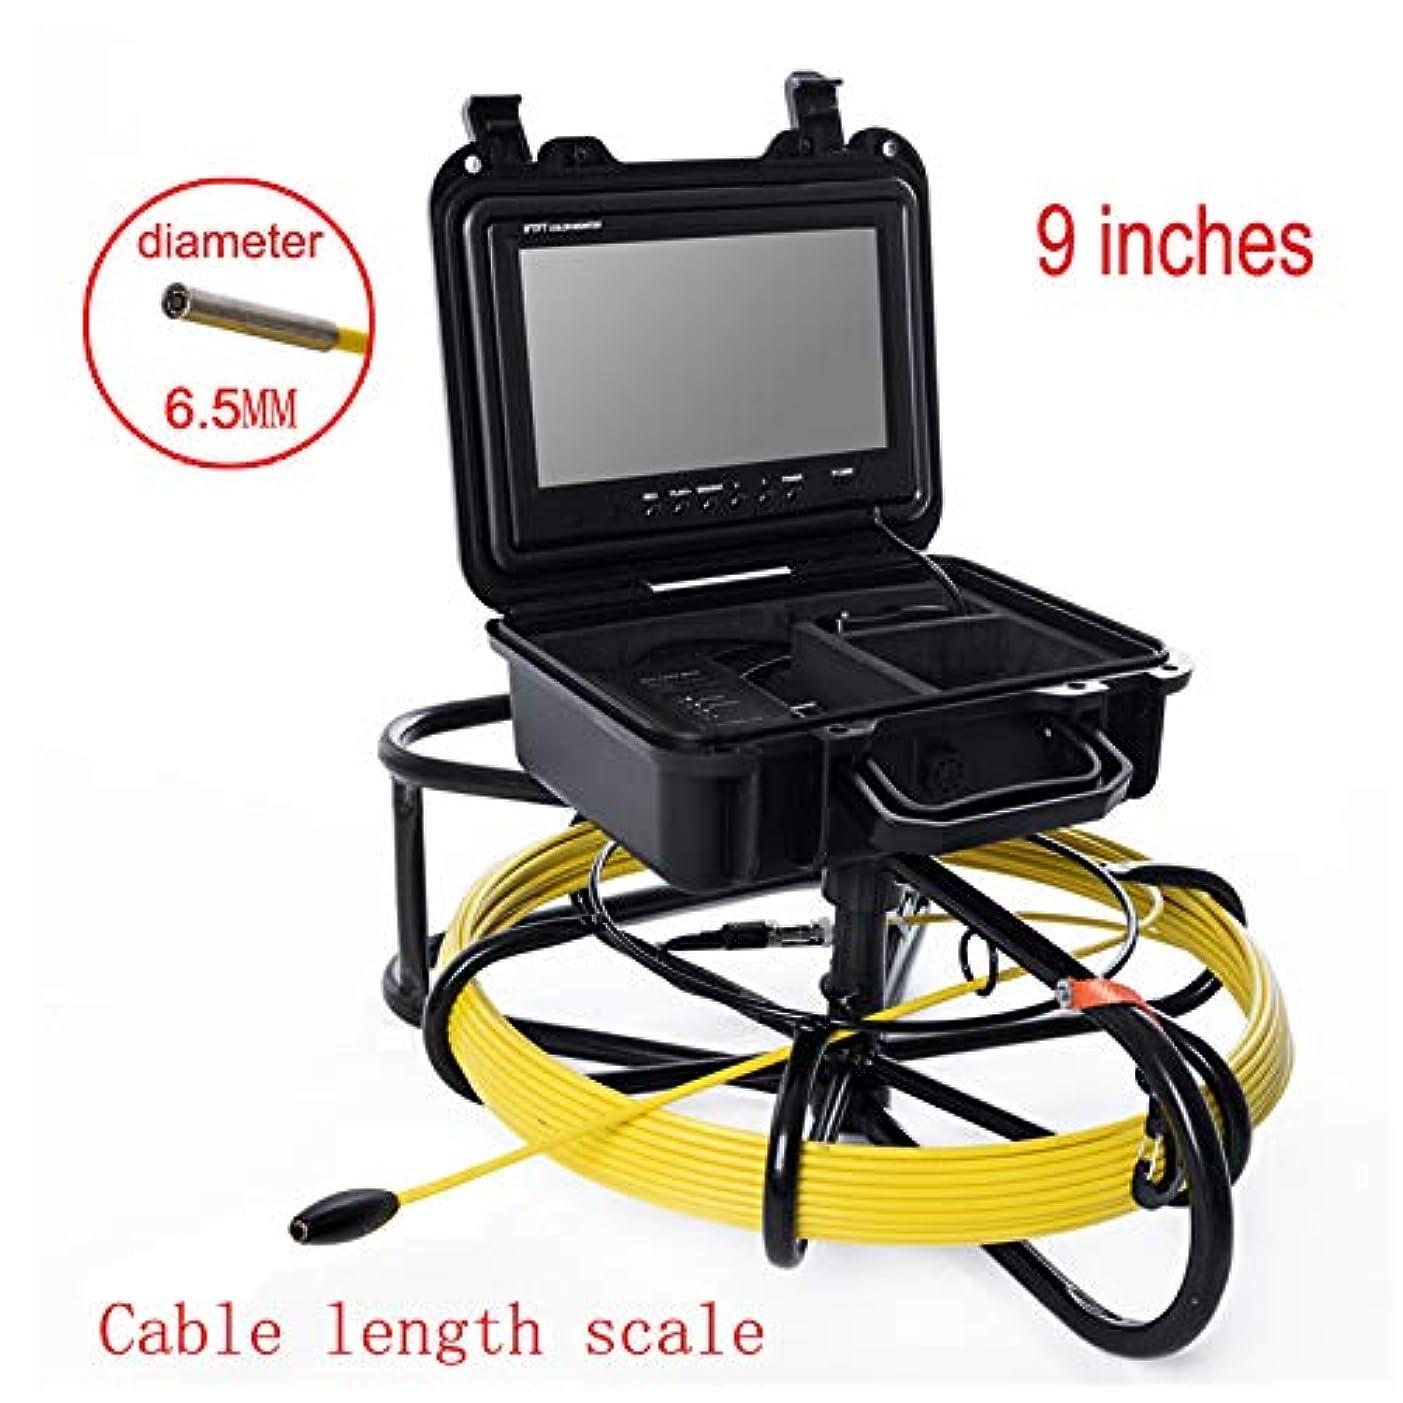 美徳いらいらする潜在的な9インチ工業用パイプライン下水道検知カメラIP68防水排水検知1000 TVL、20 M